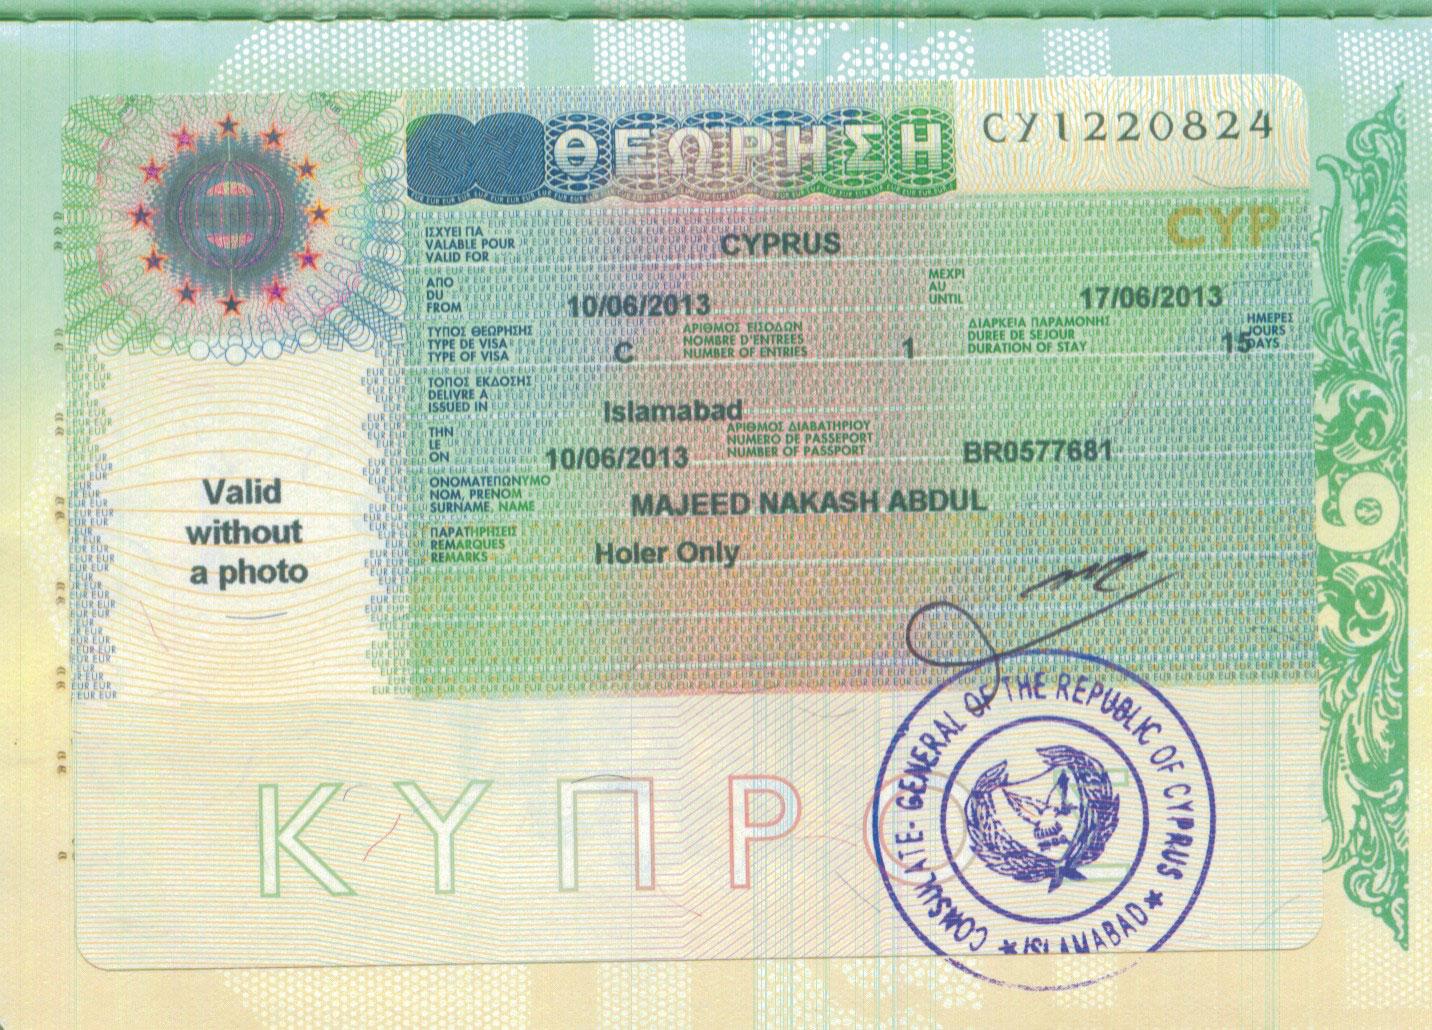 Dimenzije fotografija za englesku vizu 44